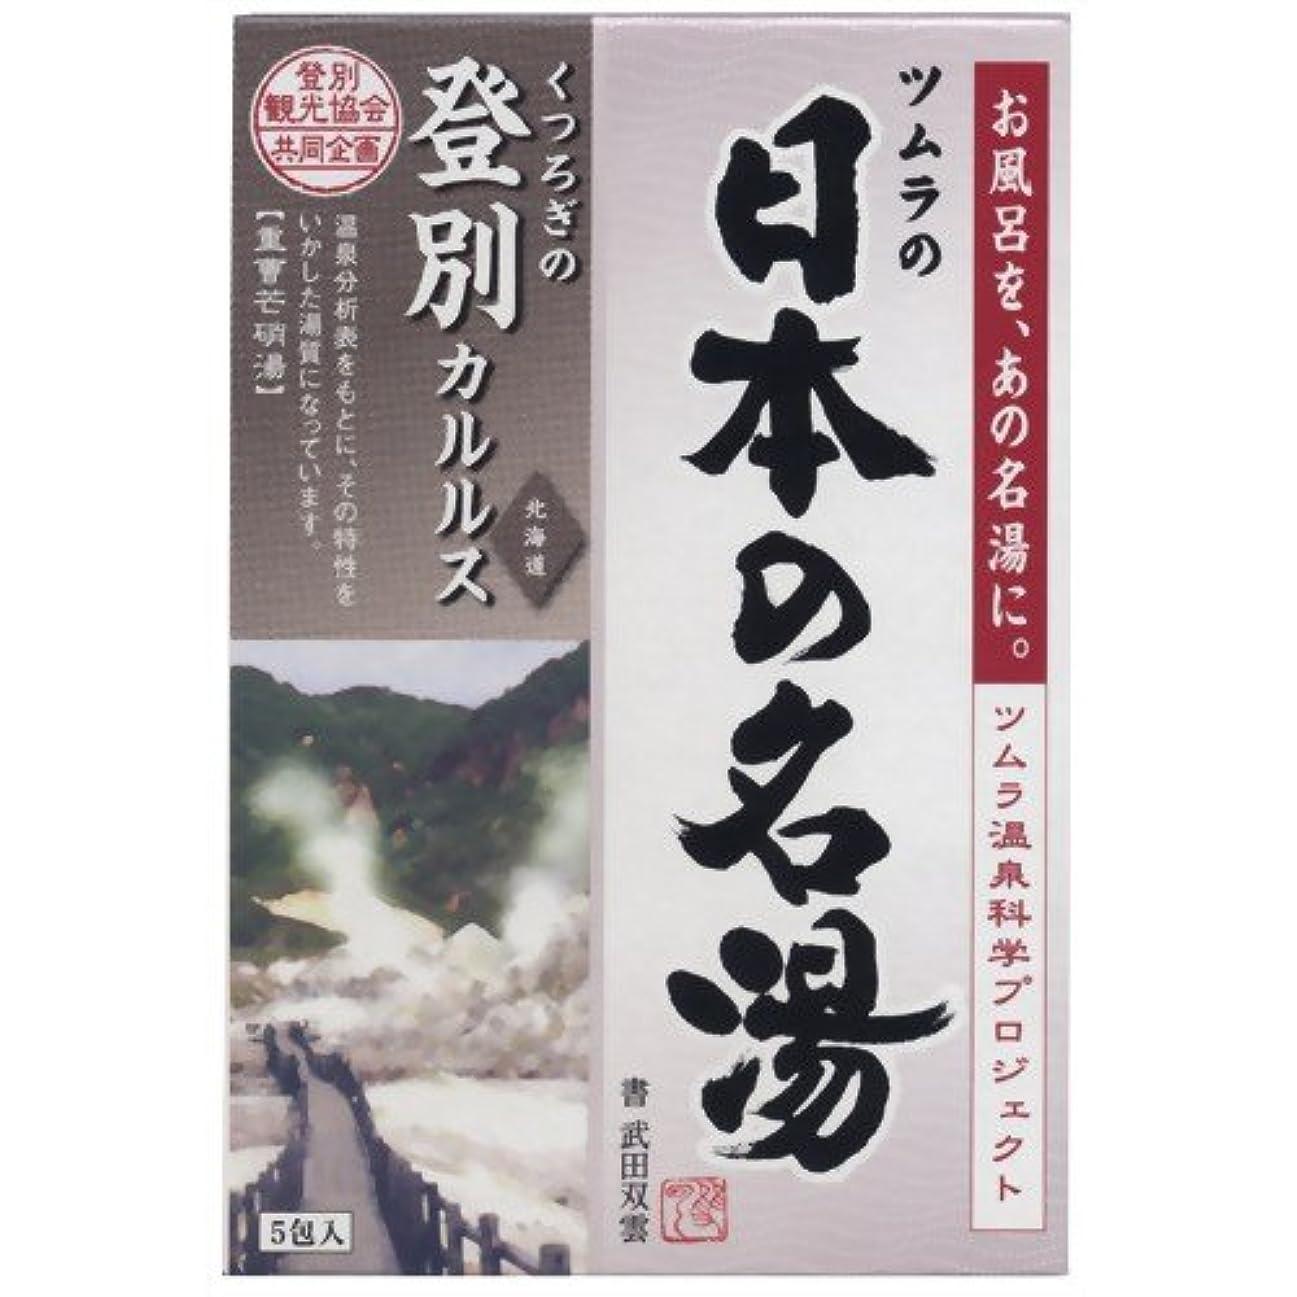 絞る幻滅する獣バスクリン 日本の名湯 登別カルルス 30g×5包入(入浴剤)×24点セット (4548514135451)